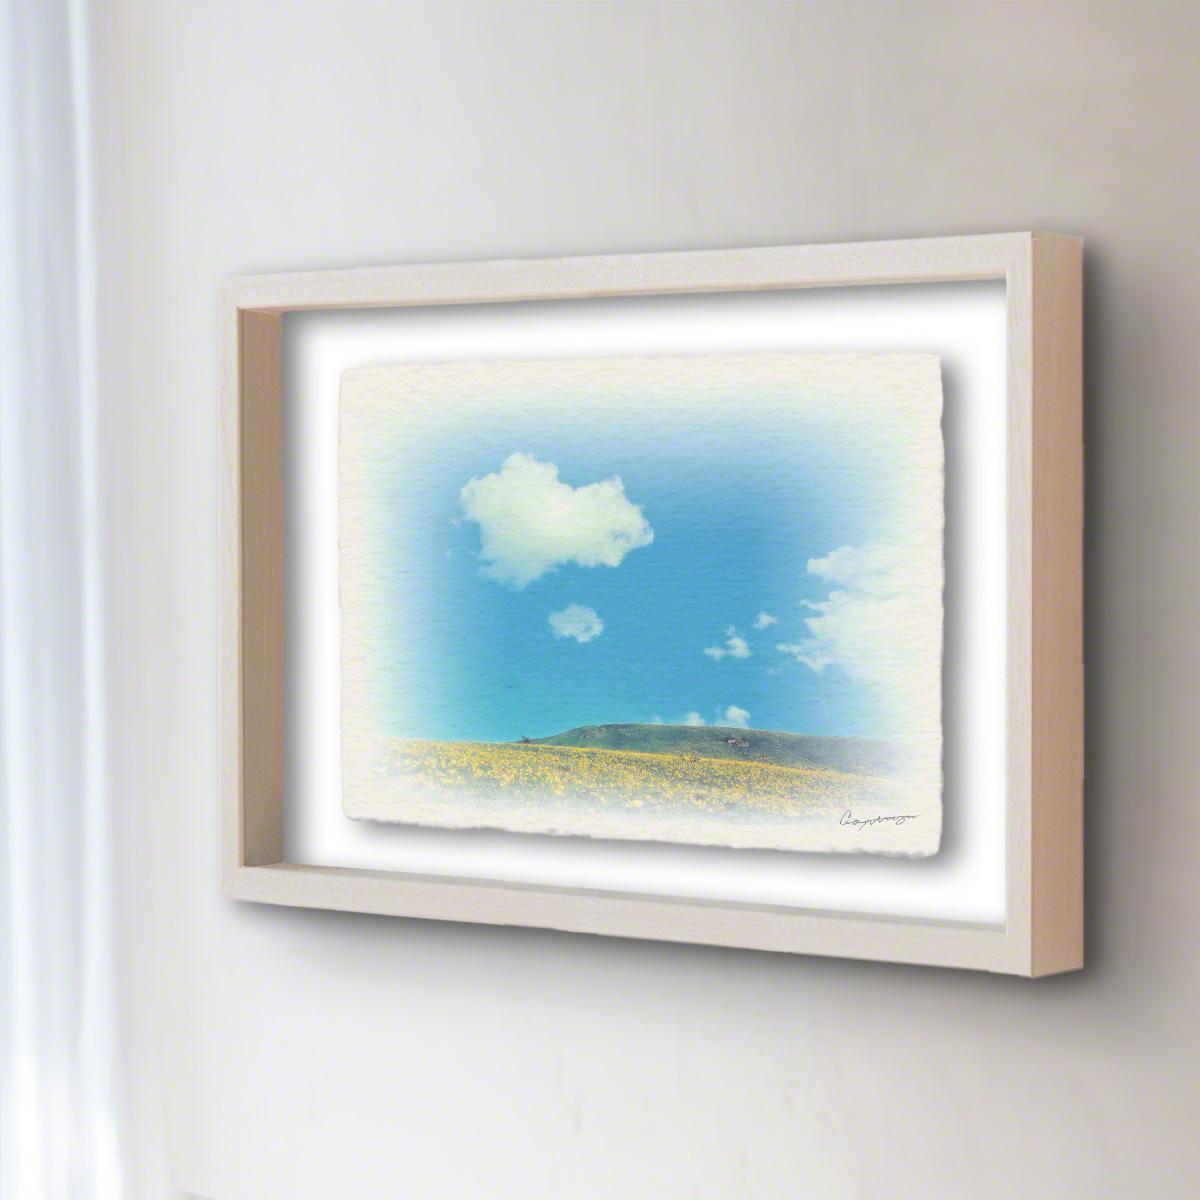 和紙 手作り アートフレーム 「青い空と白い雲とニッコウキスゲの丘」(32x26cm) 絵画 絵 ポスター 壁掛け モダン アート 和風 オリジナル インテリア 風景画 ランキング おすすめ おしゃれ 人気 キッチン リビング ダイニング 玄関 和室